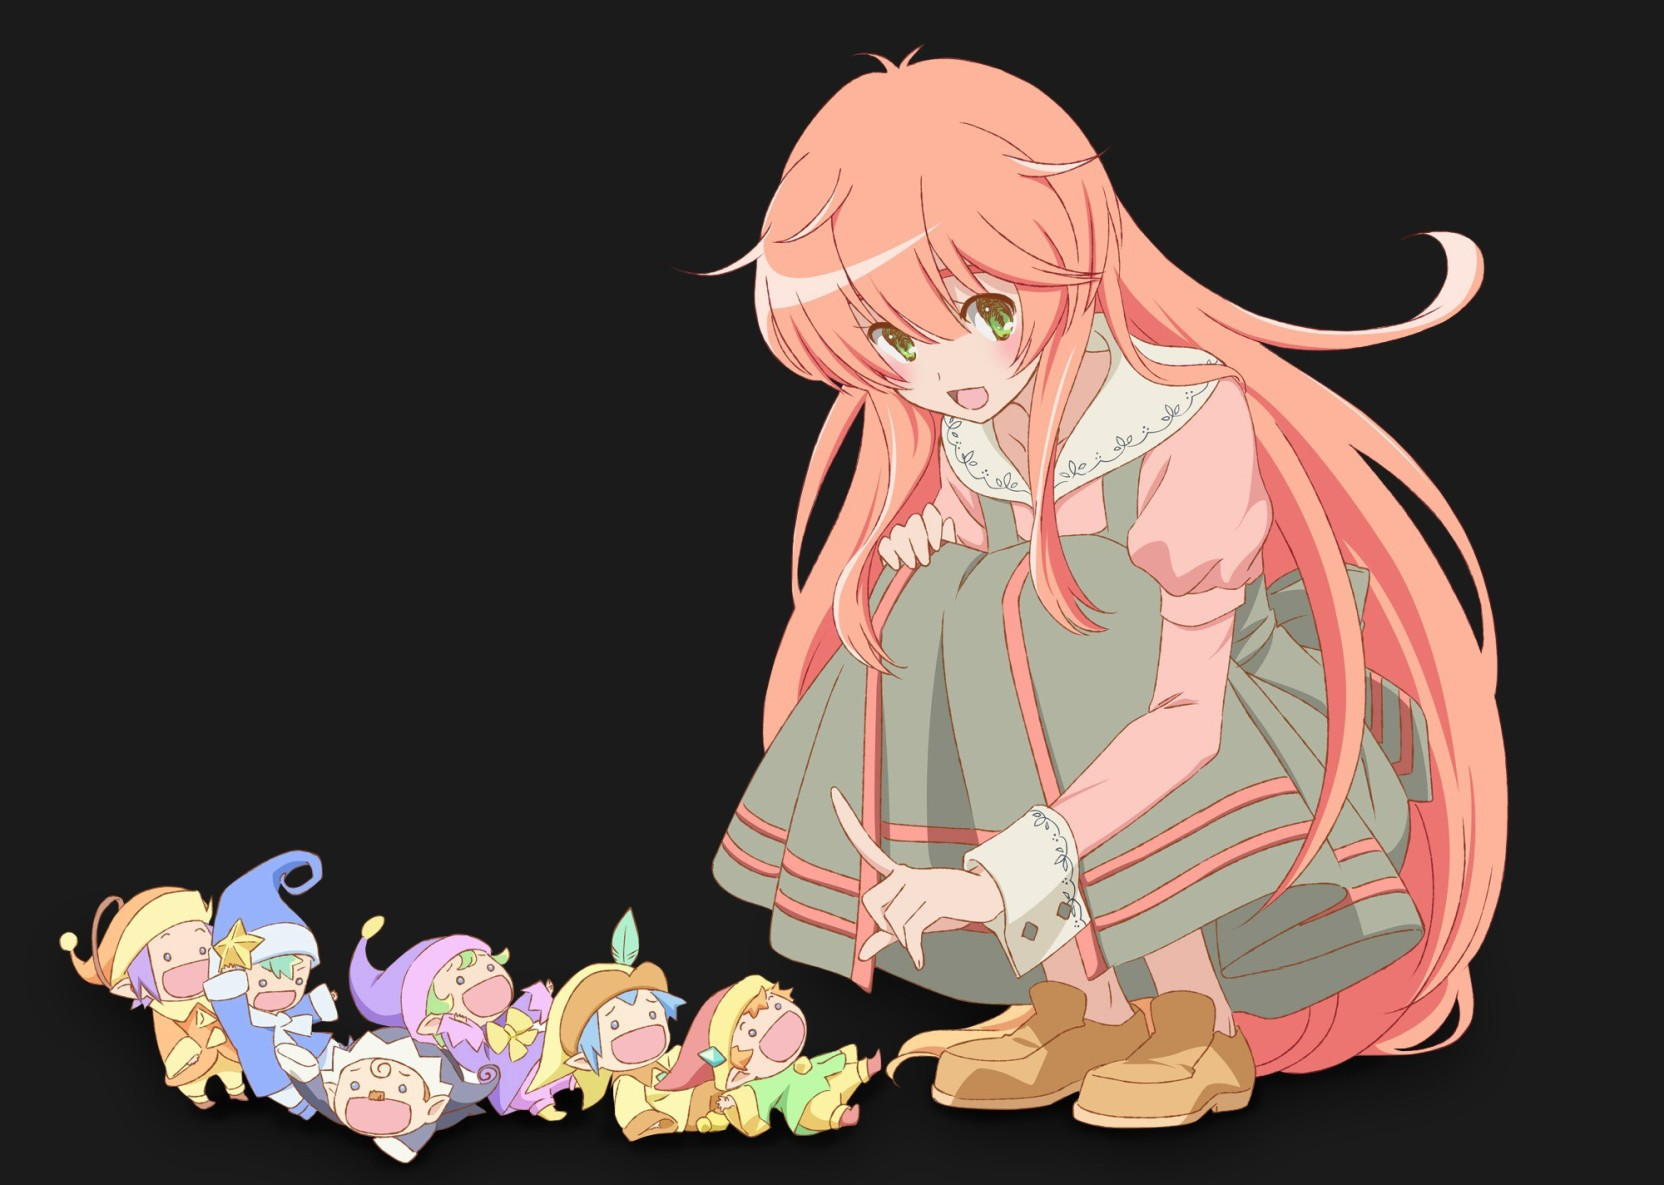 Athah Anime Jinrui Wa Suitai Shimashita 13 19 Inches Wall Poster